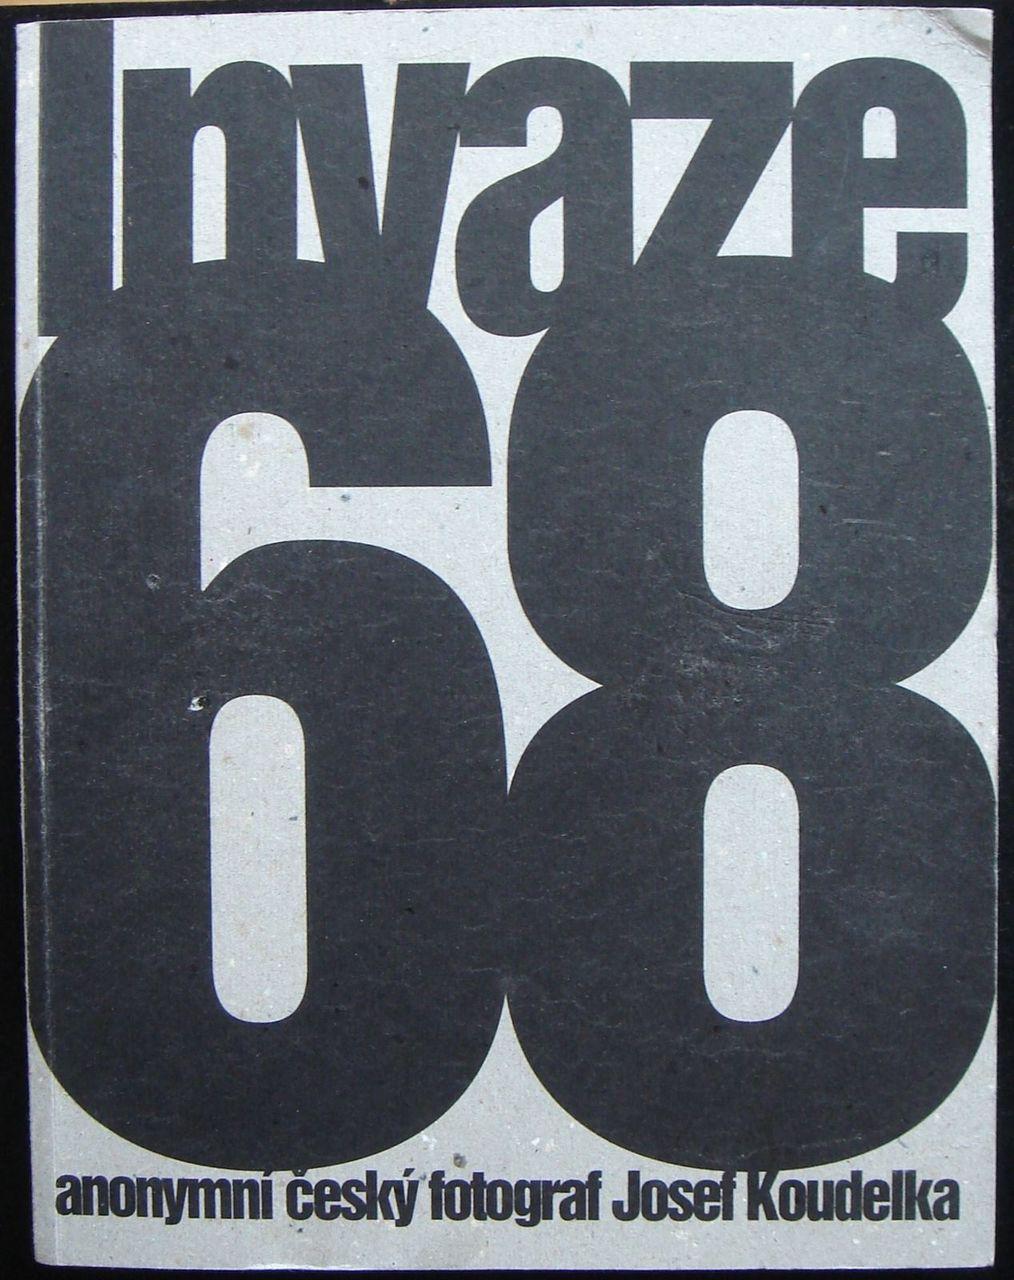 INVAZE 68 (Czech Edition), by Josef Koudelka 2008 Photography Prague Spring